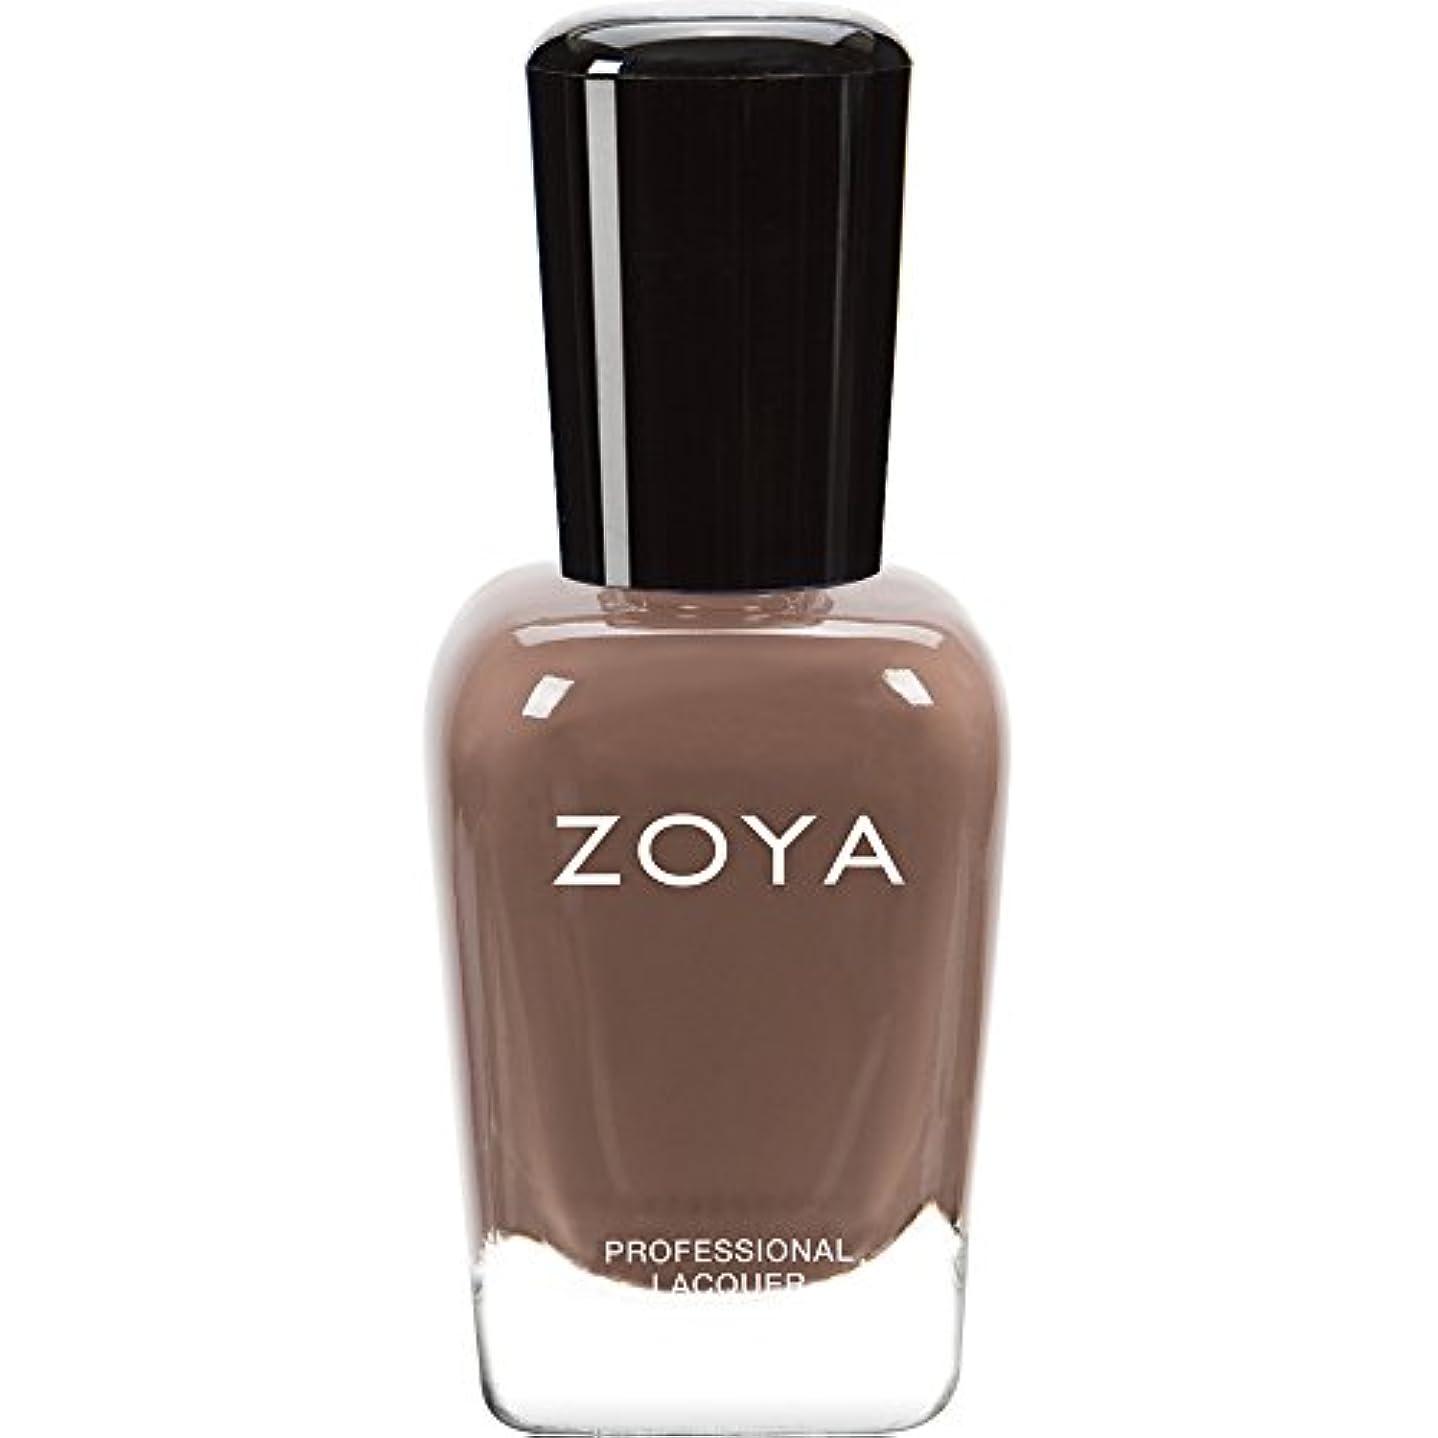 所属特権的助言ZOYA ゾーヤ ネイルカラーZP743  Chanelle シャネル 15ml Naturel DEUX(2) Collection アーモンドクリーム マット 爪にやさしいネイルラッカーマニキュア